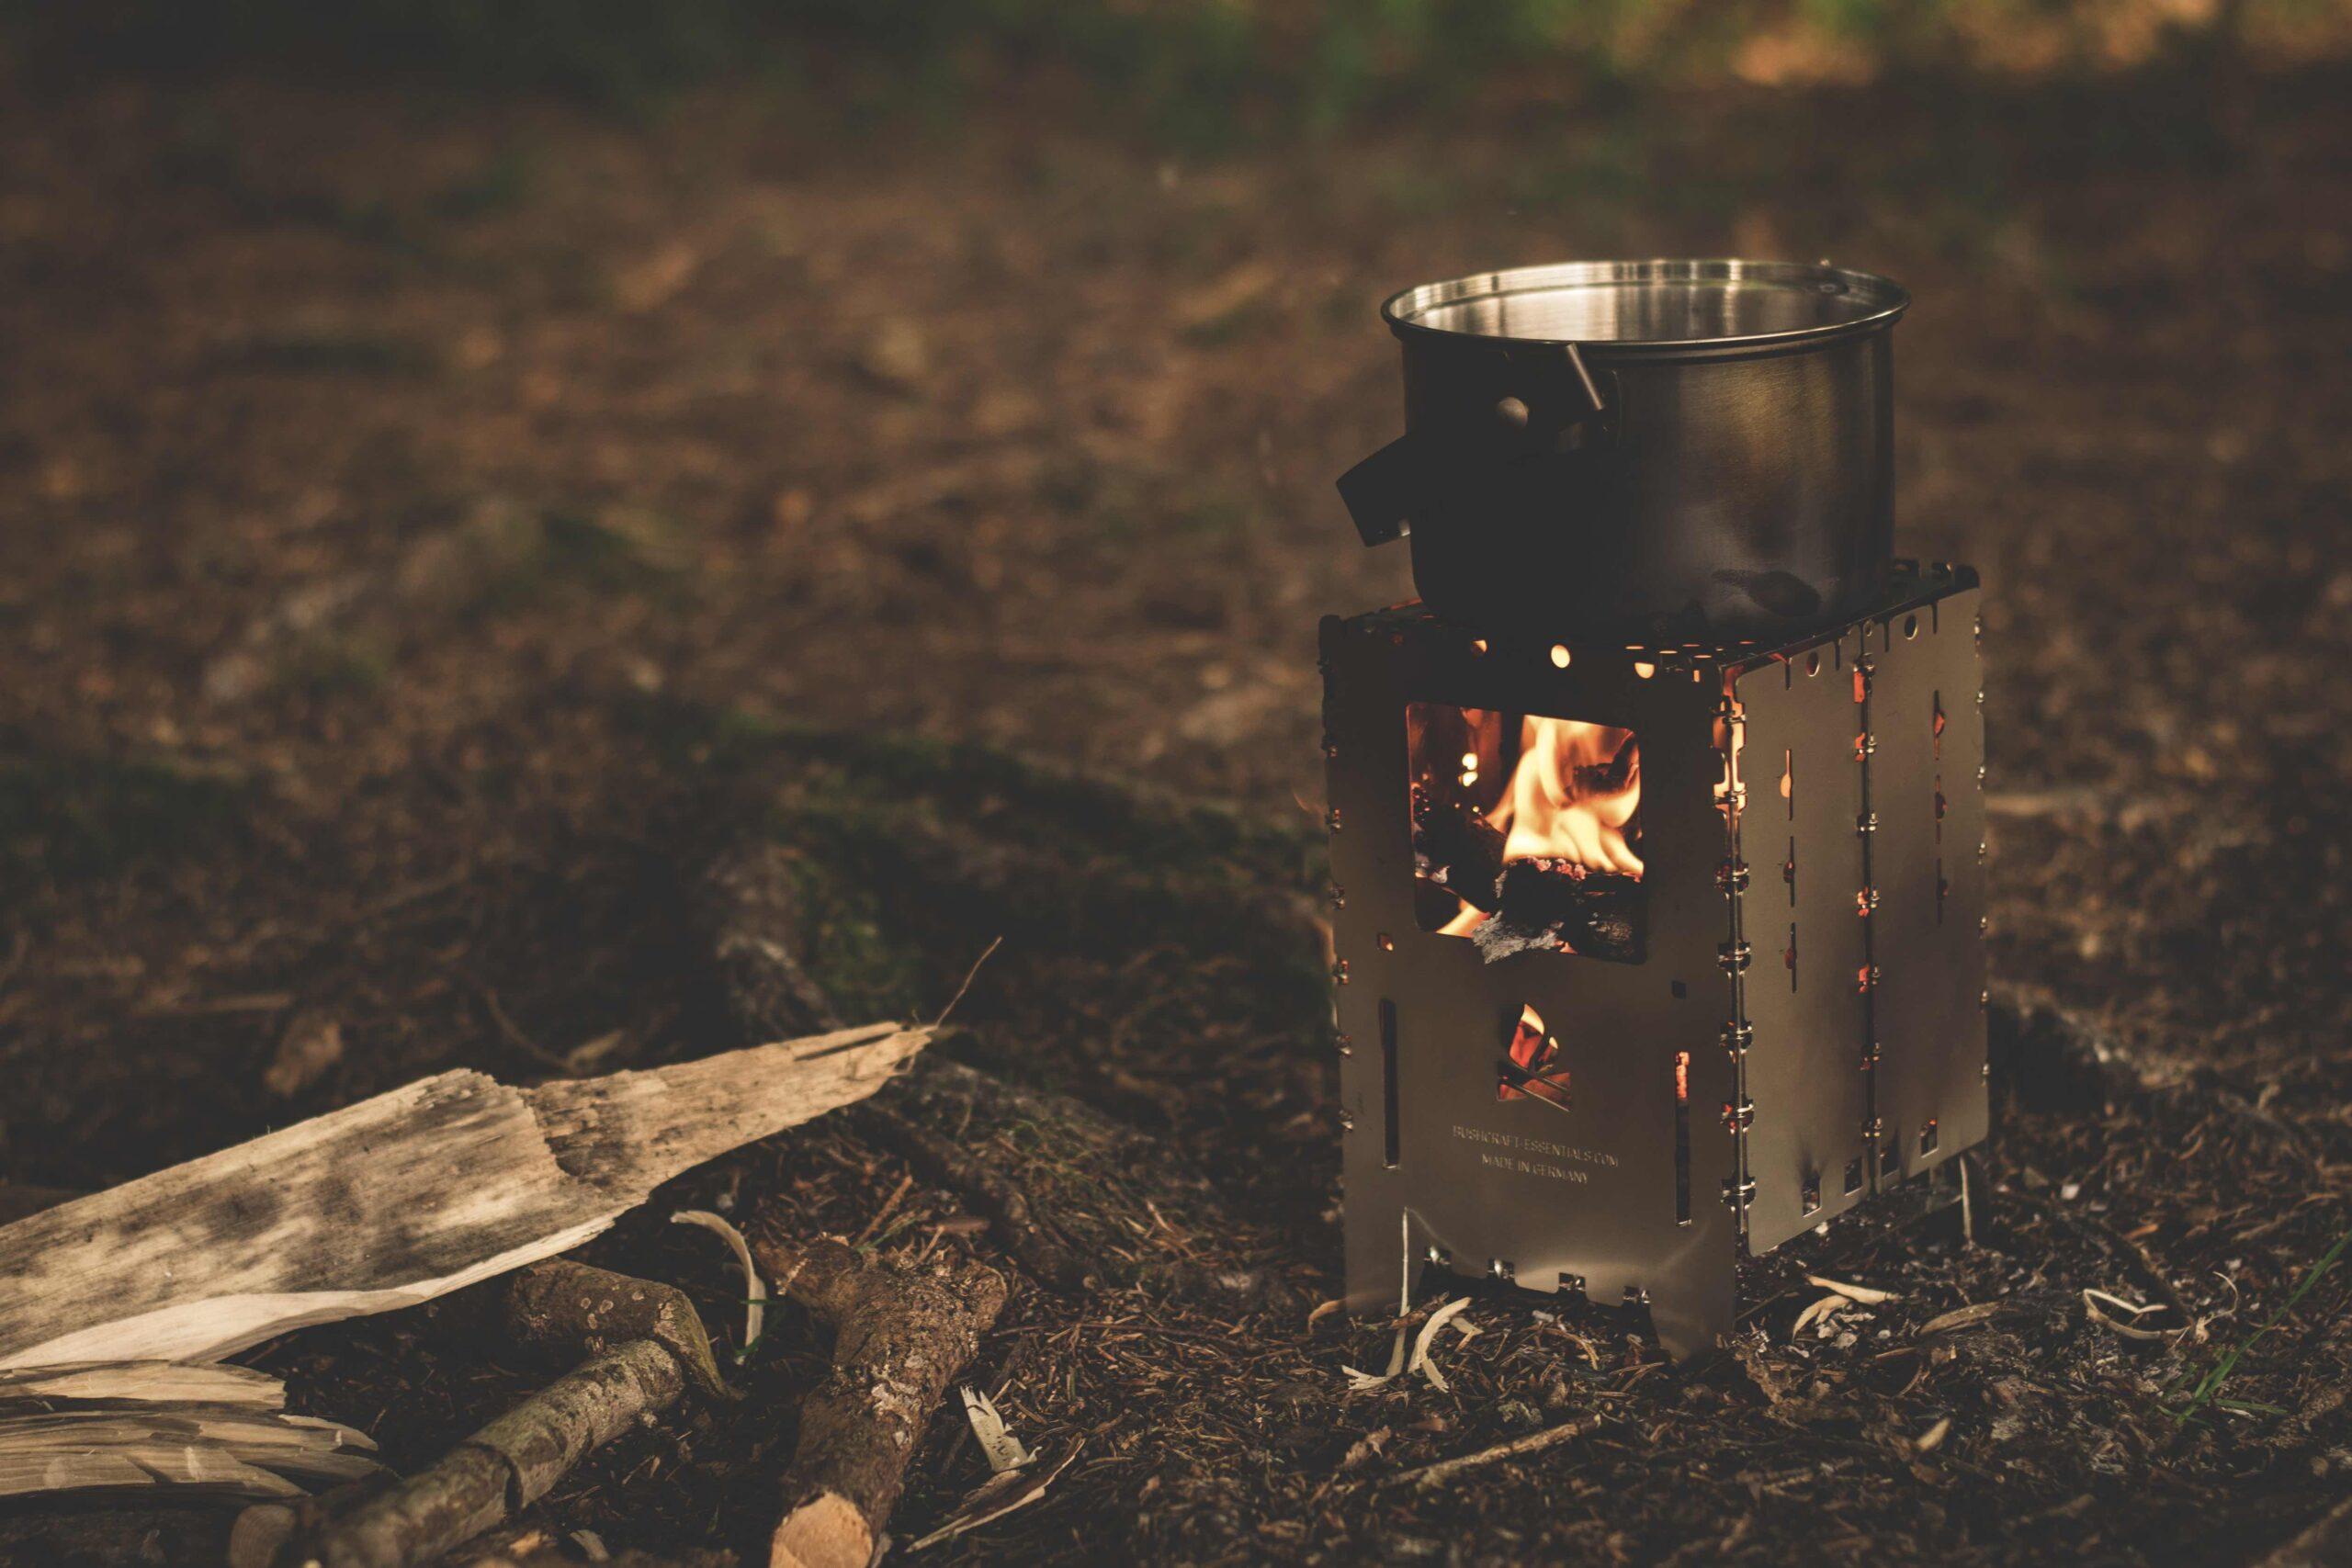 Pentola sul fuoco in campeggio